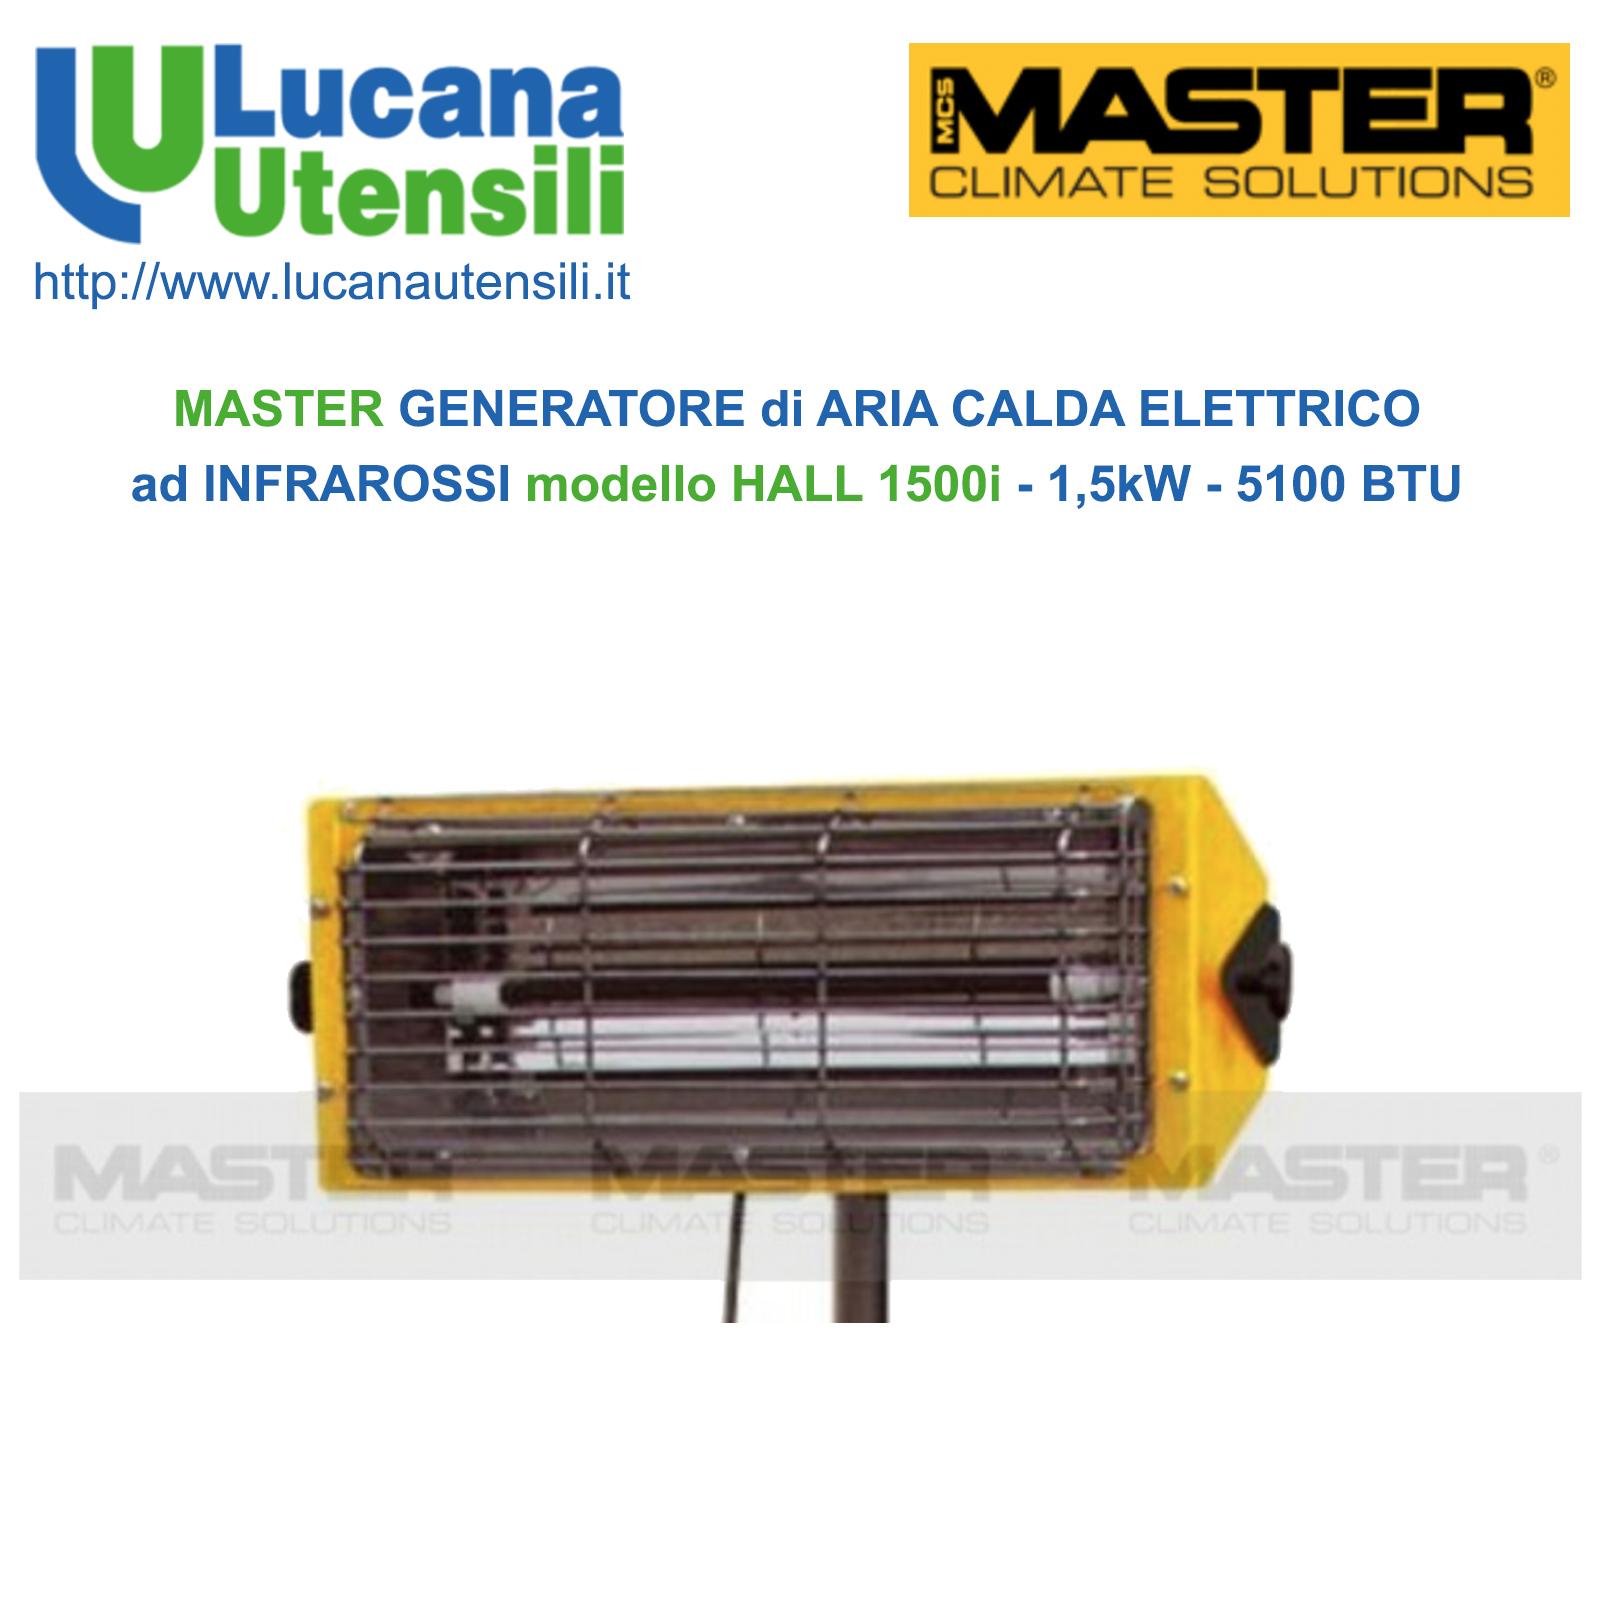 Riscaldamento Elettrico Ad Aria.Master Generatore Di Aria Calda Elettrico Ad Infrarossi Modello Hall